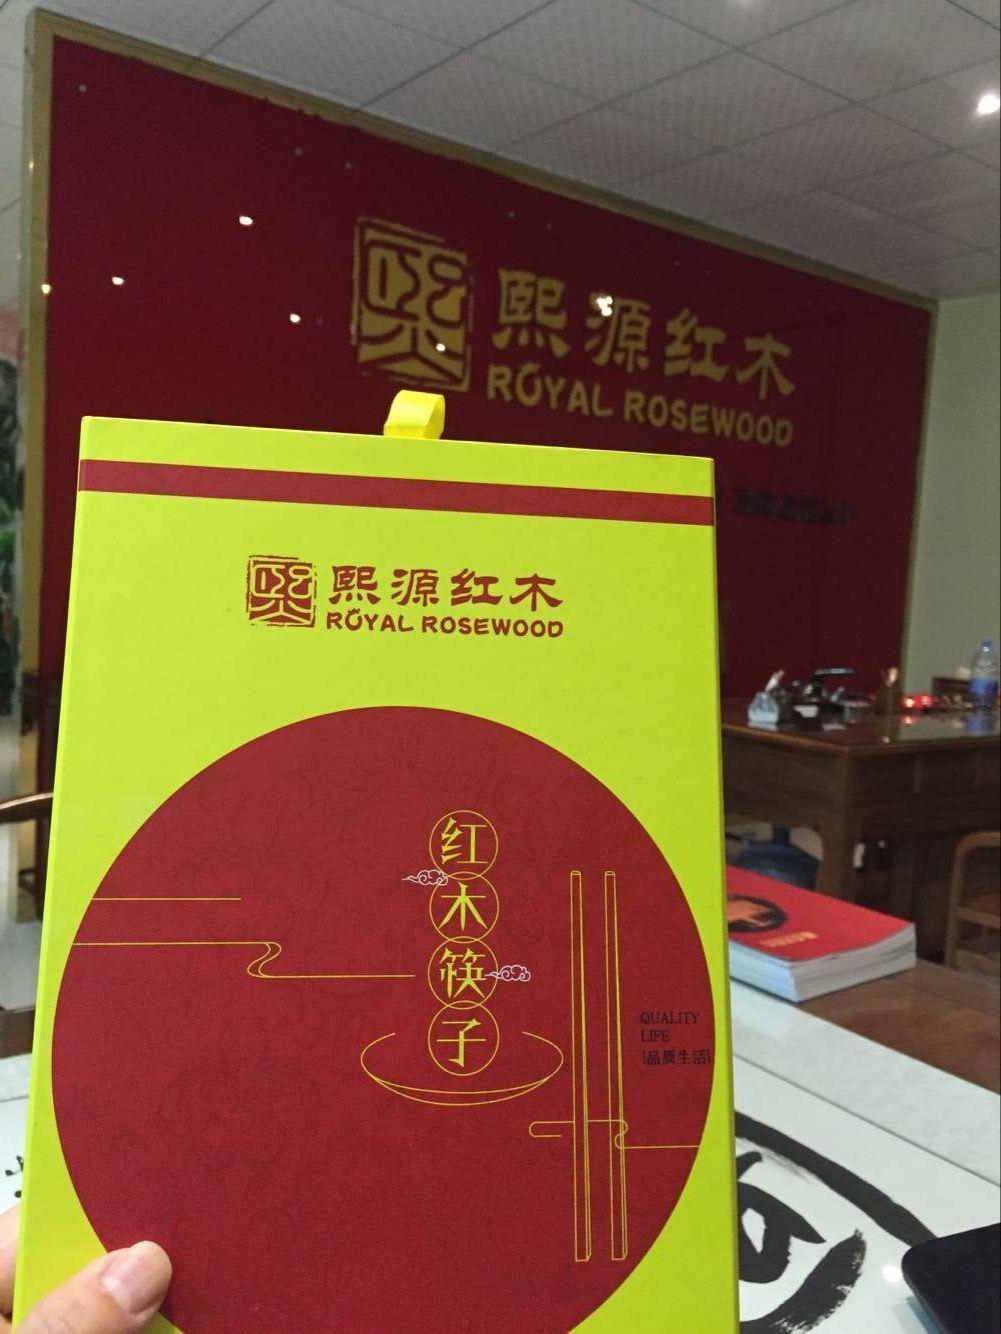 麻城高档红木家具品牌